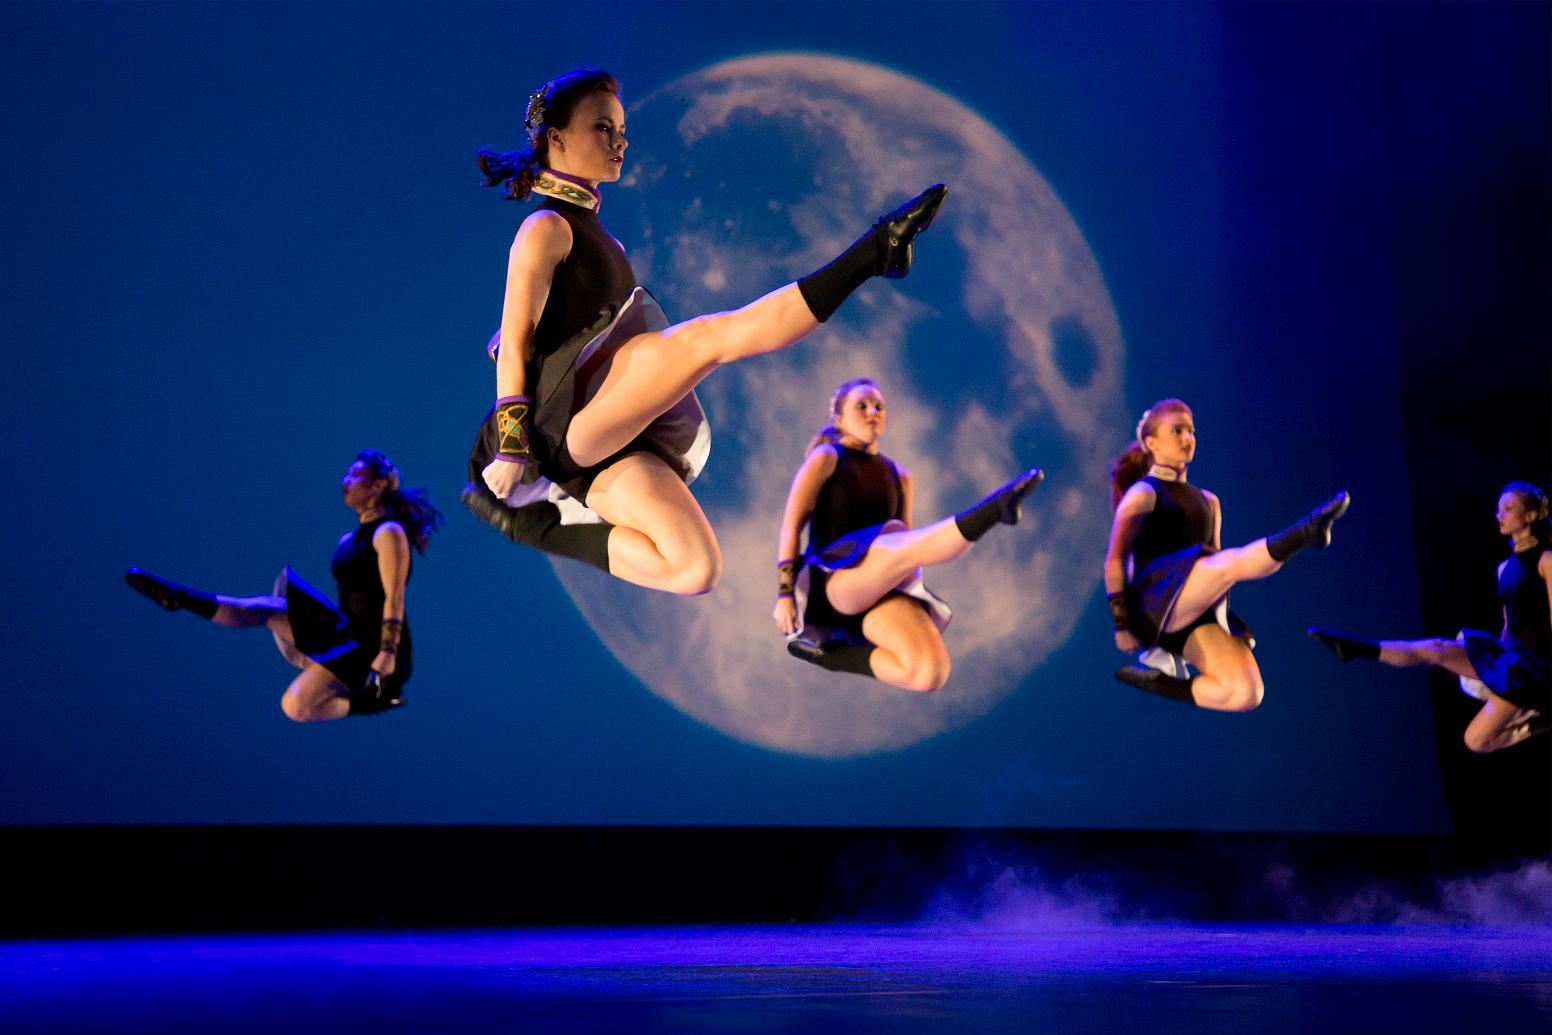 トリニティ、アイリッシュ・ダンス | アーティスト&コンサート ...